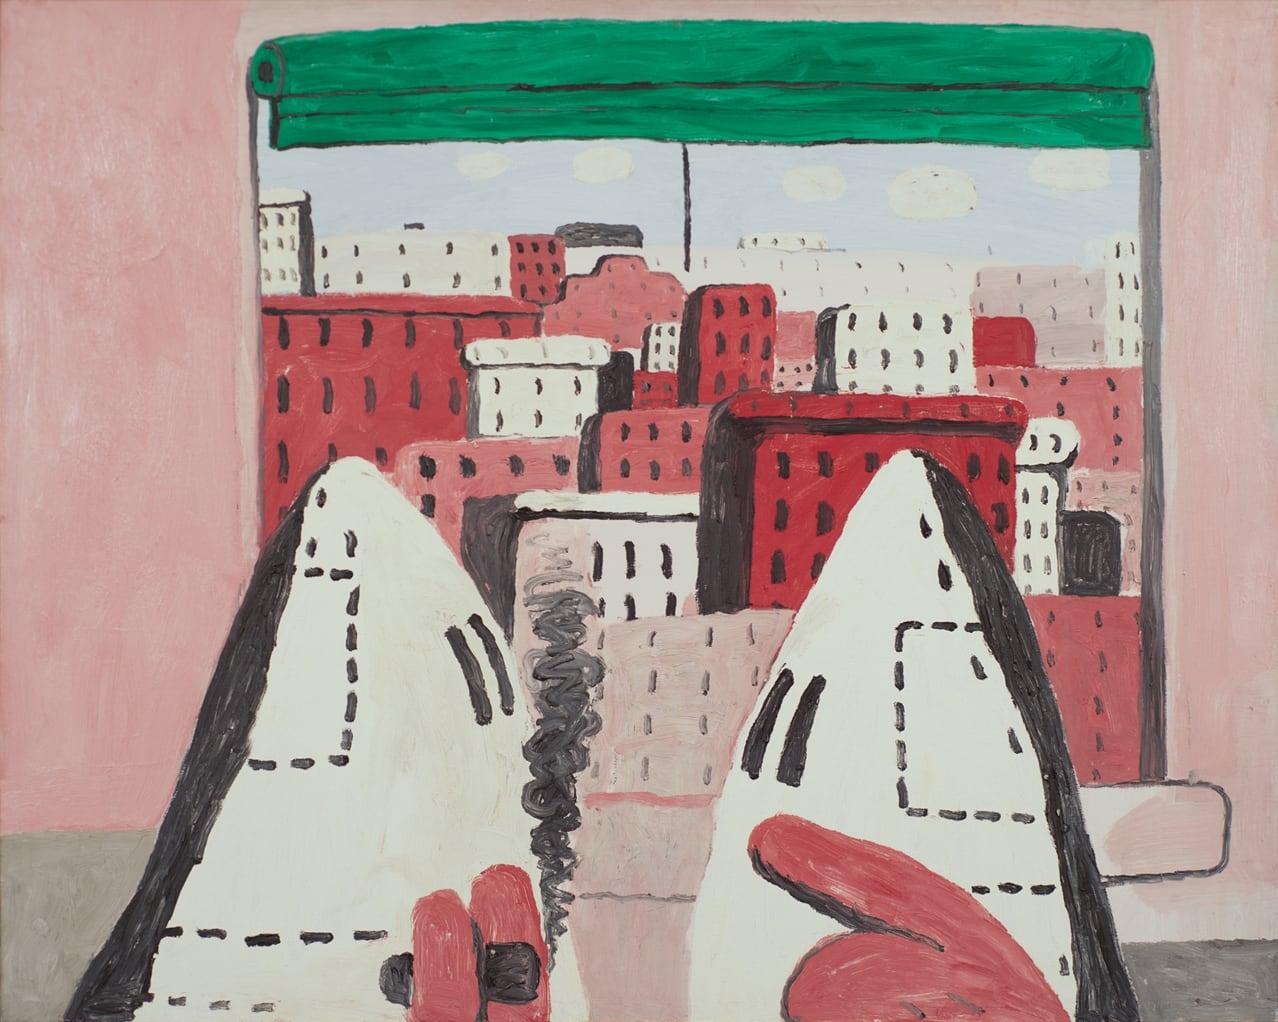 Philip Guston - Open Window II